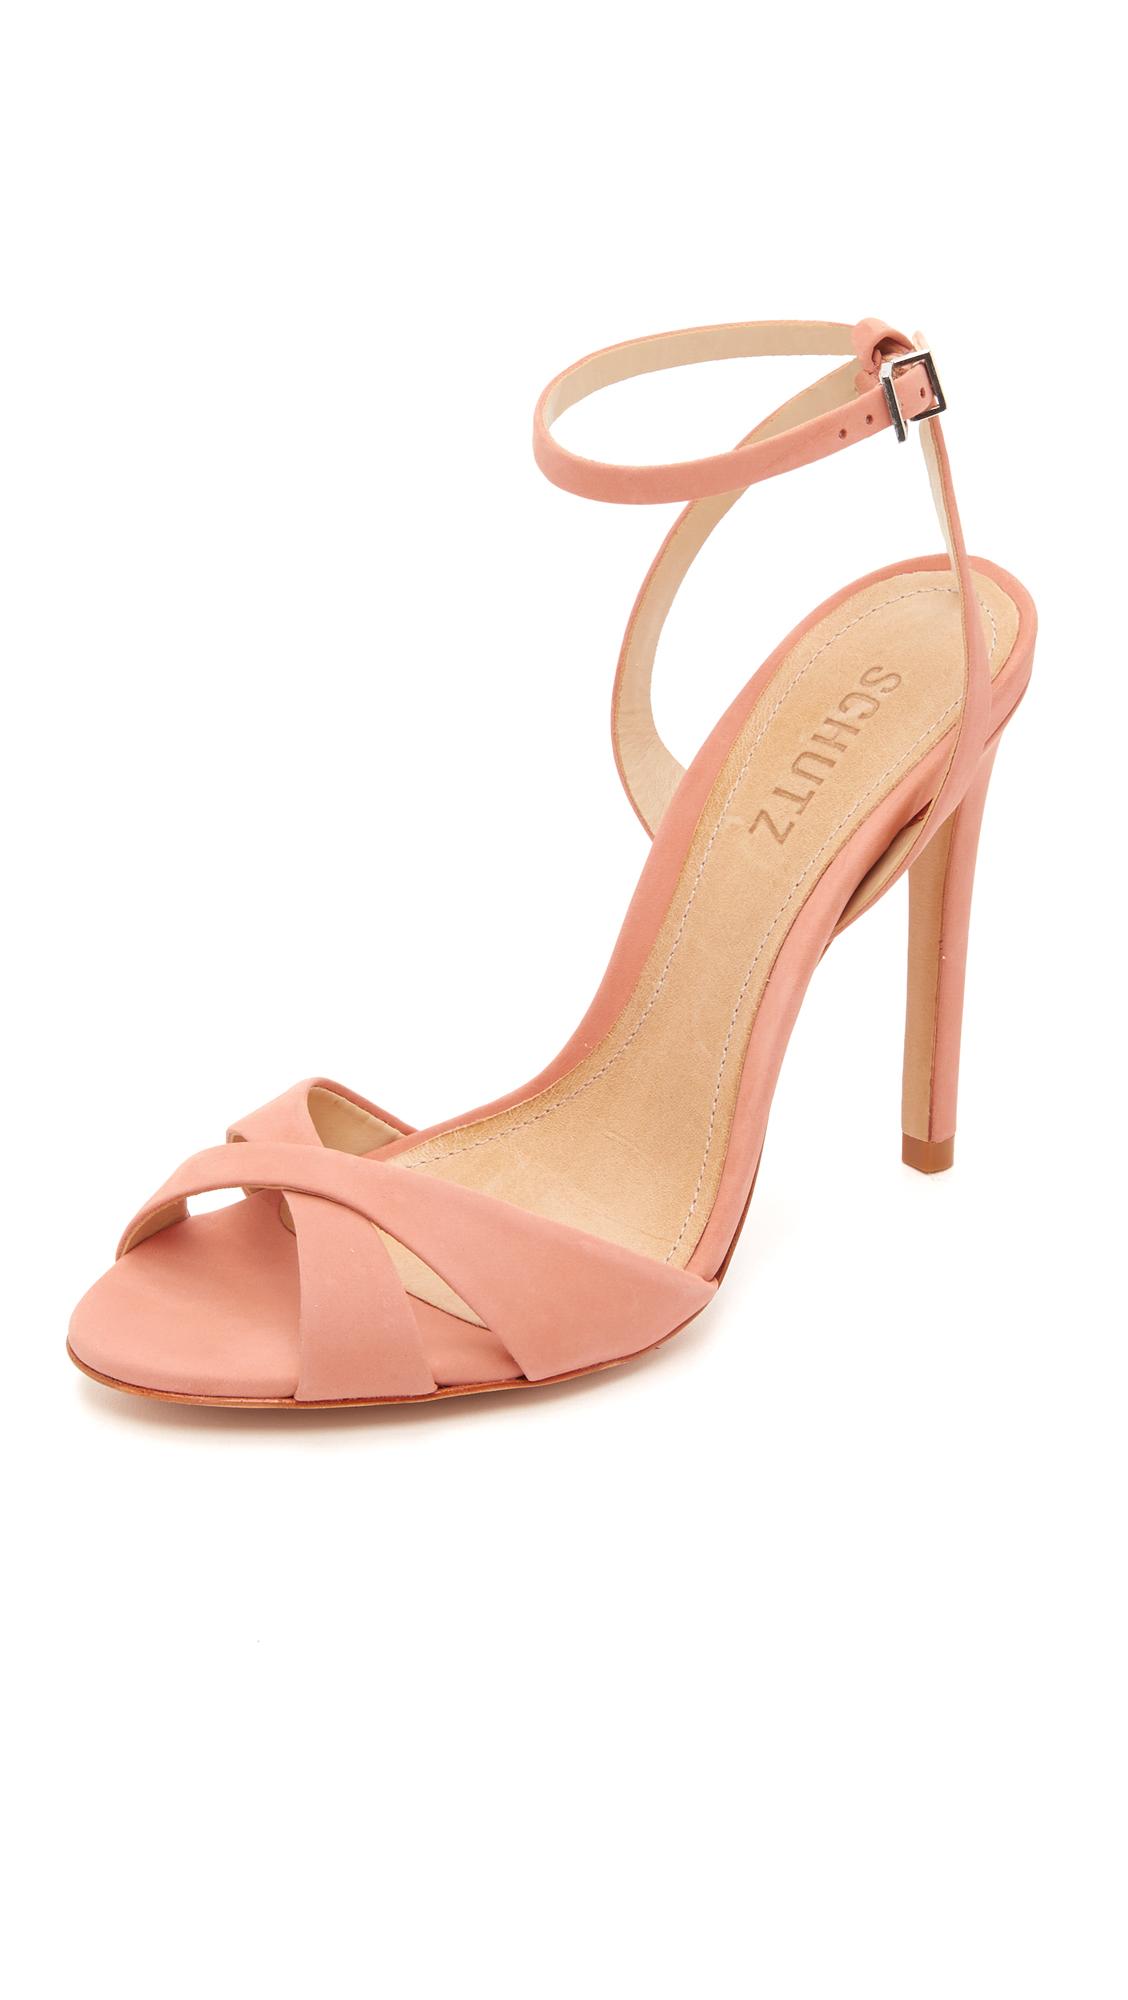 Dollie Schutz SandalsShopbop SandalsShopbop SandalsShopbop Schutz Dollie Dollie Schutz SandalsShopbop Schutz Schutz Dollie Dollie TZikXPuO